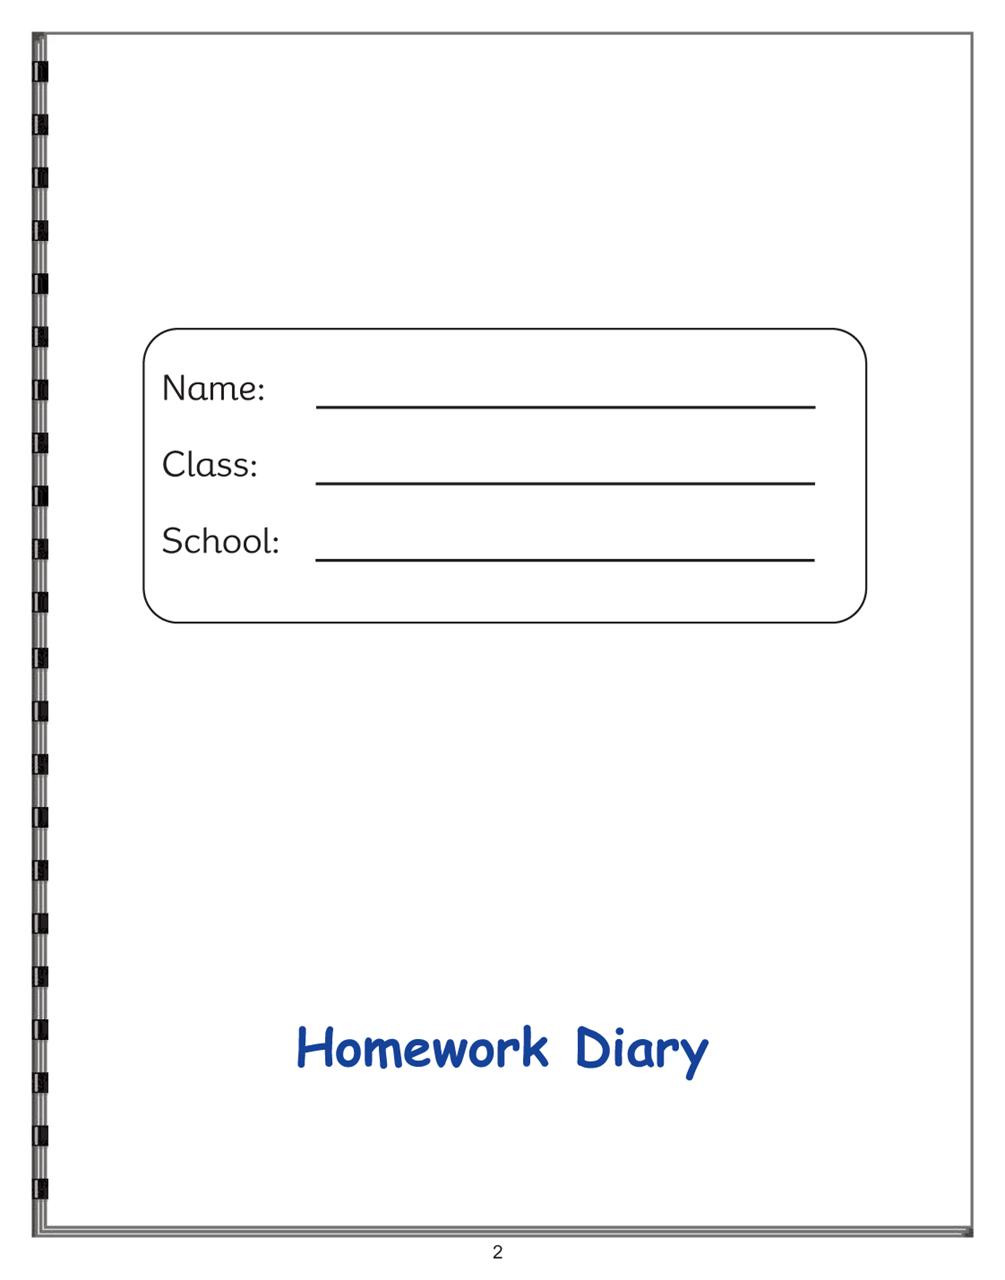 Common core lesson 12 homework 4.3